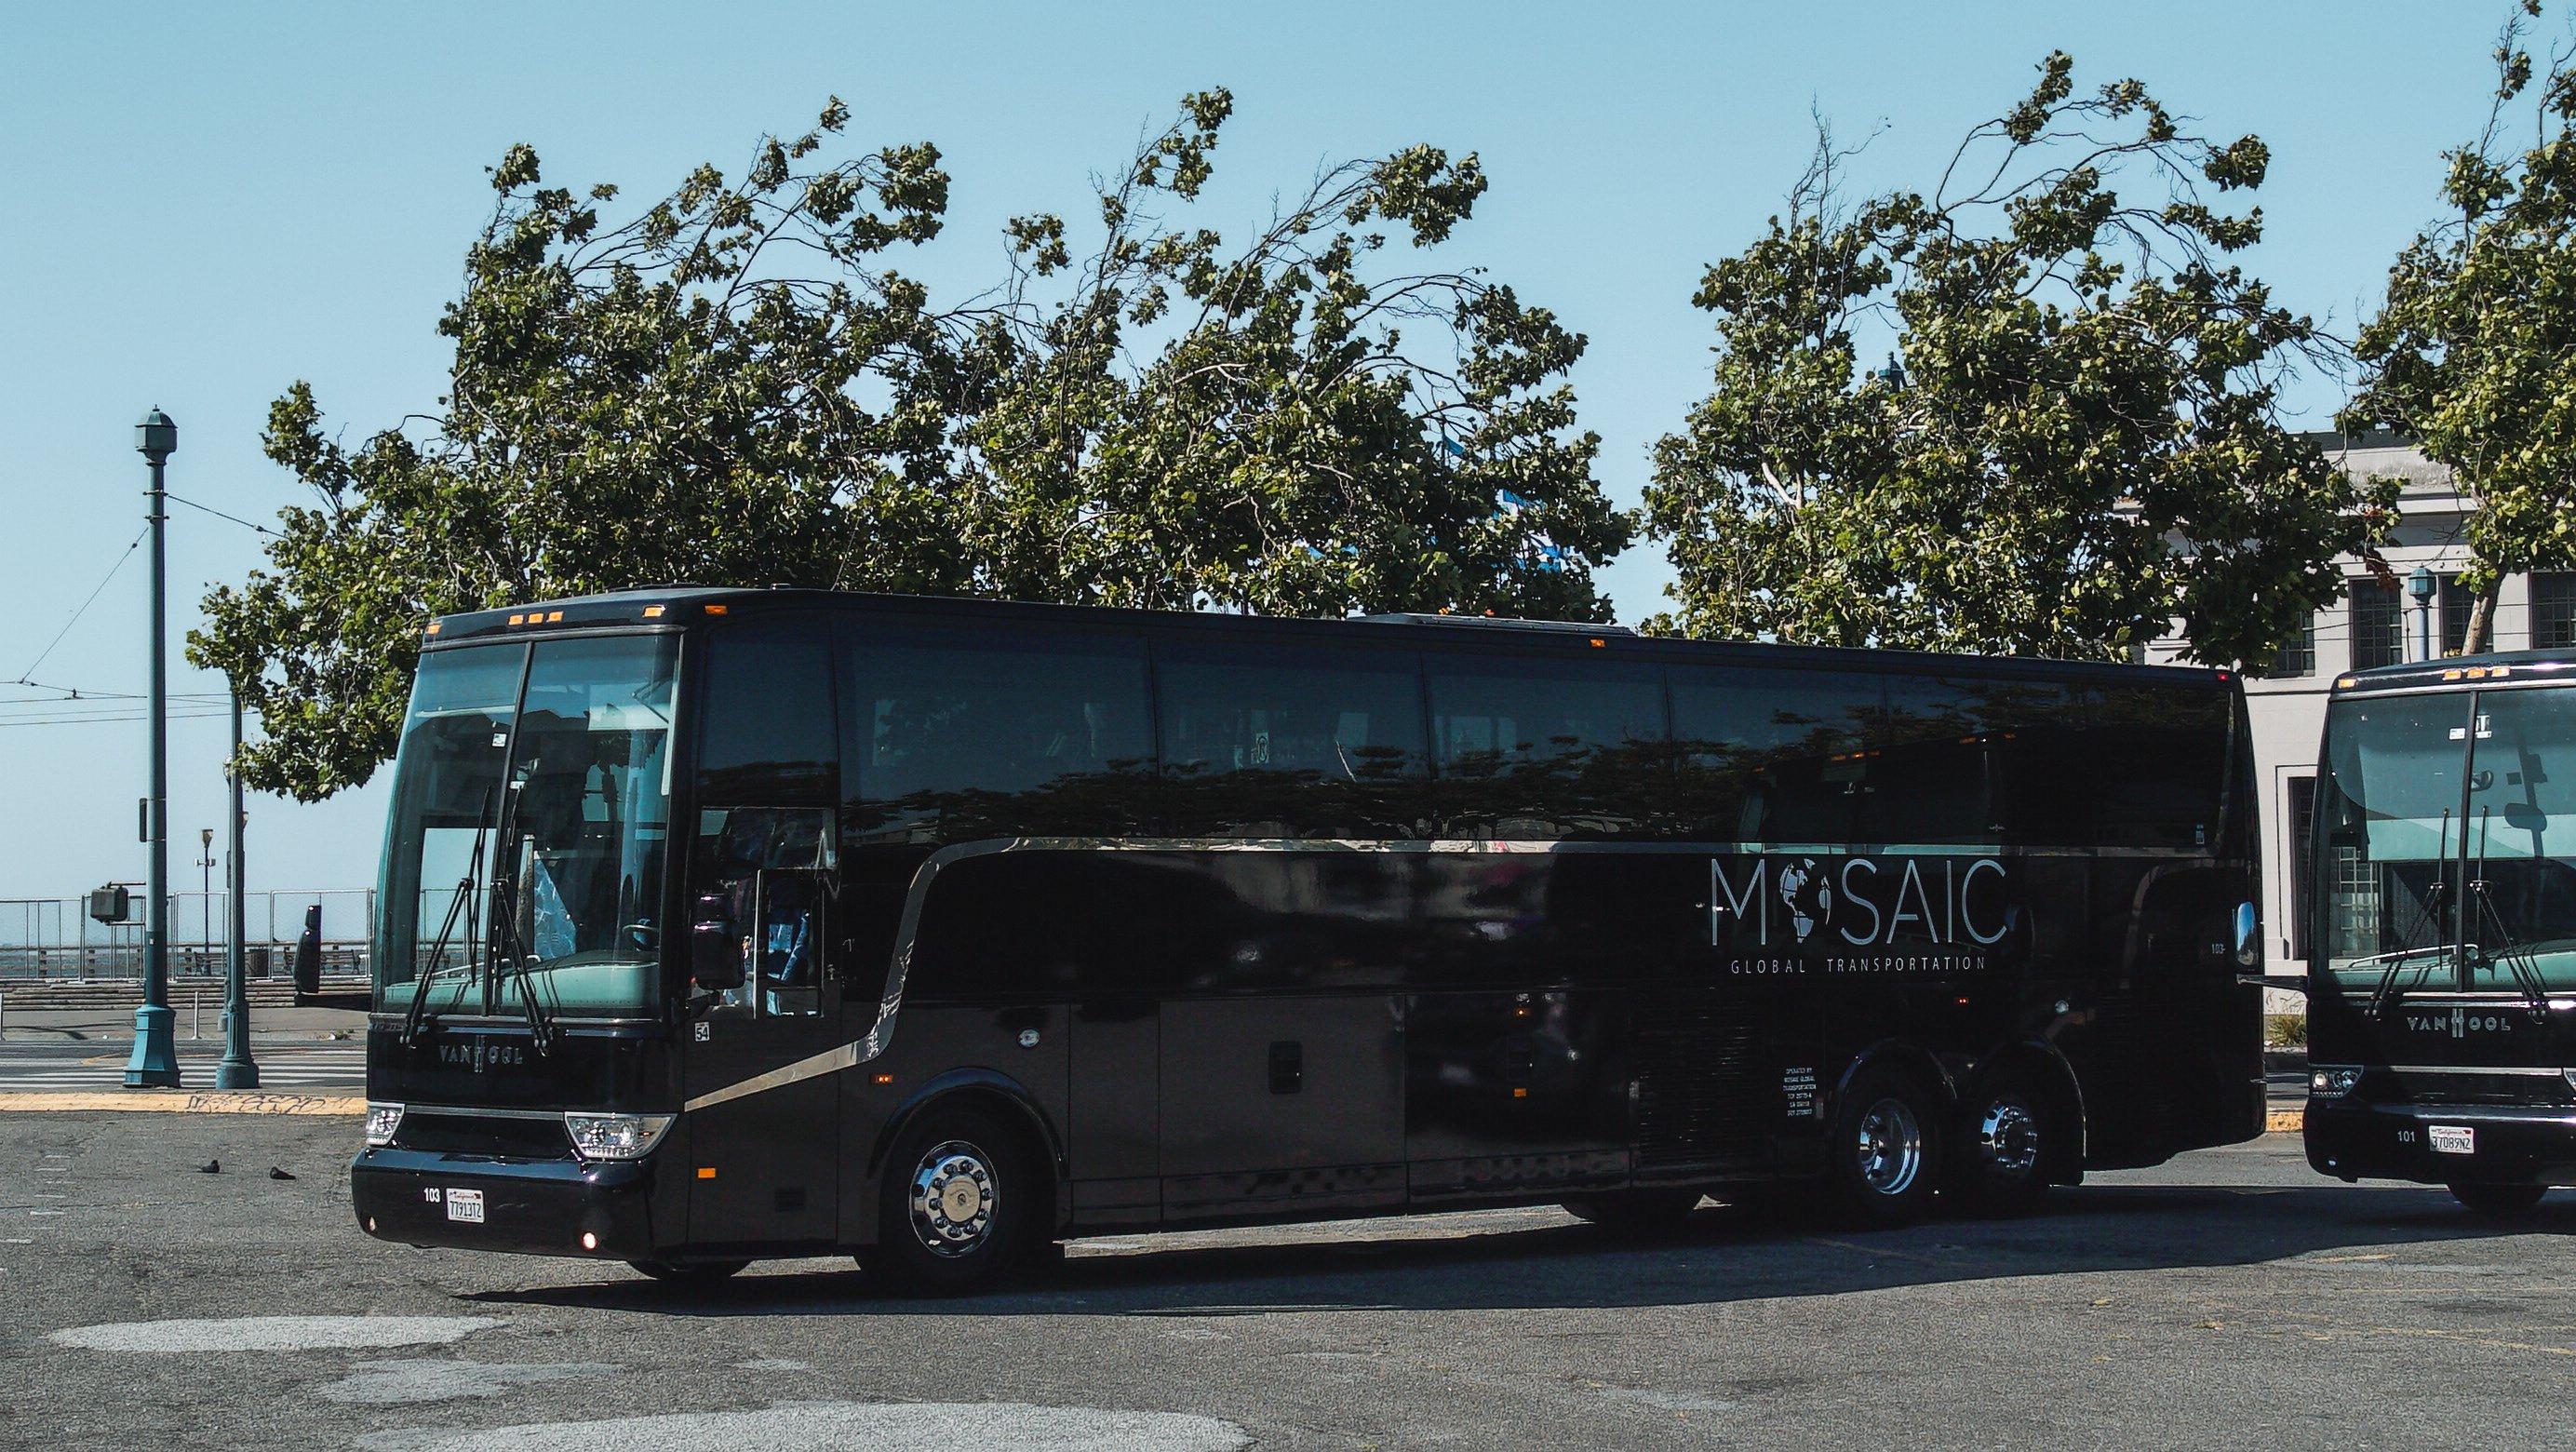 DSC06355